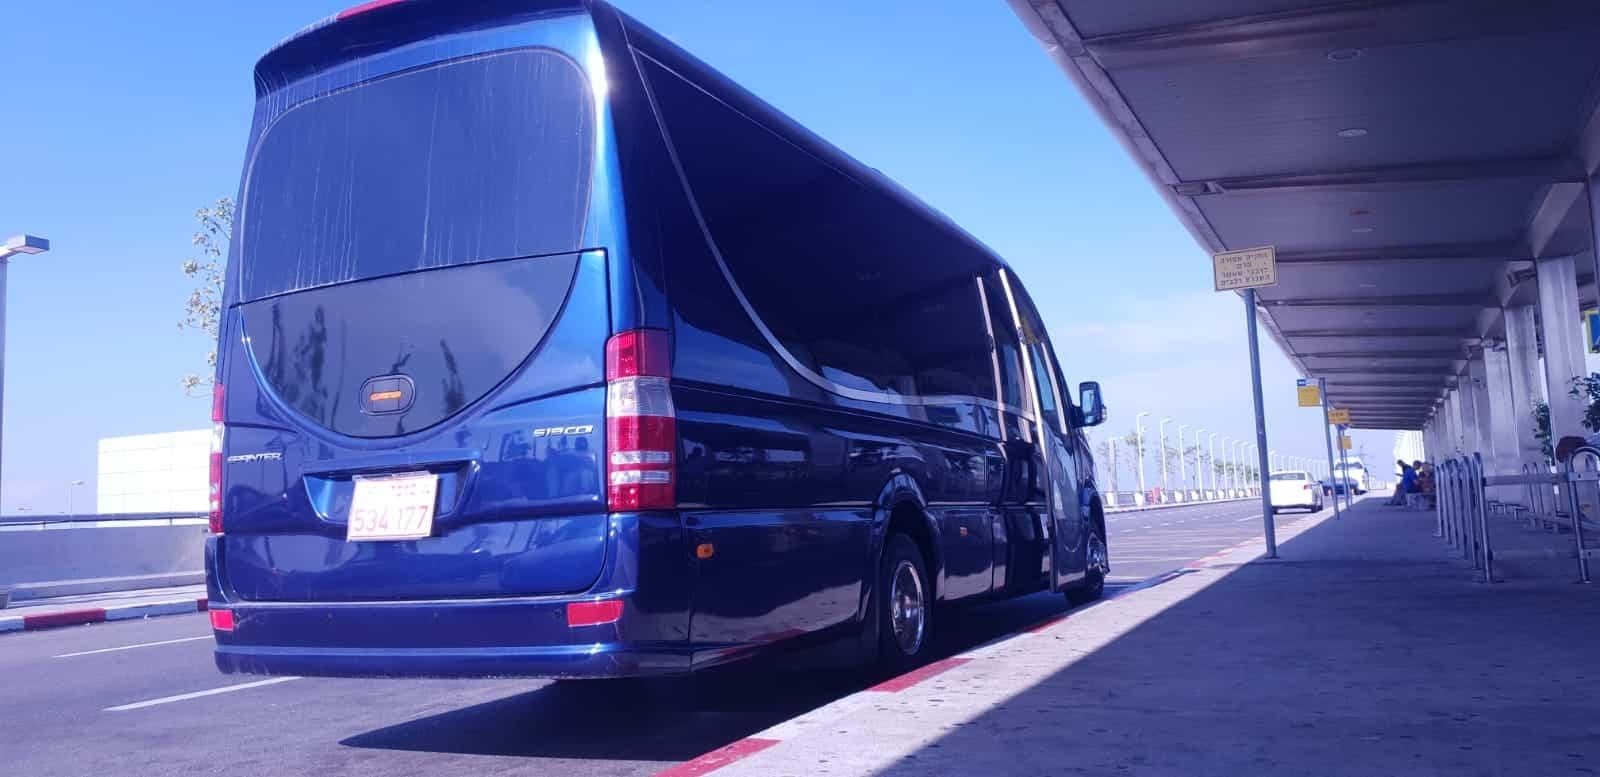 השכרת אוטובוסים